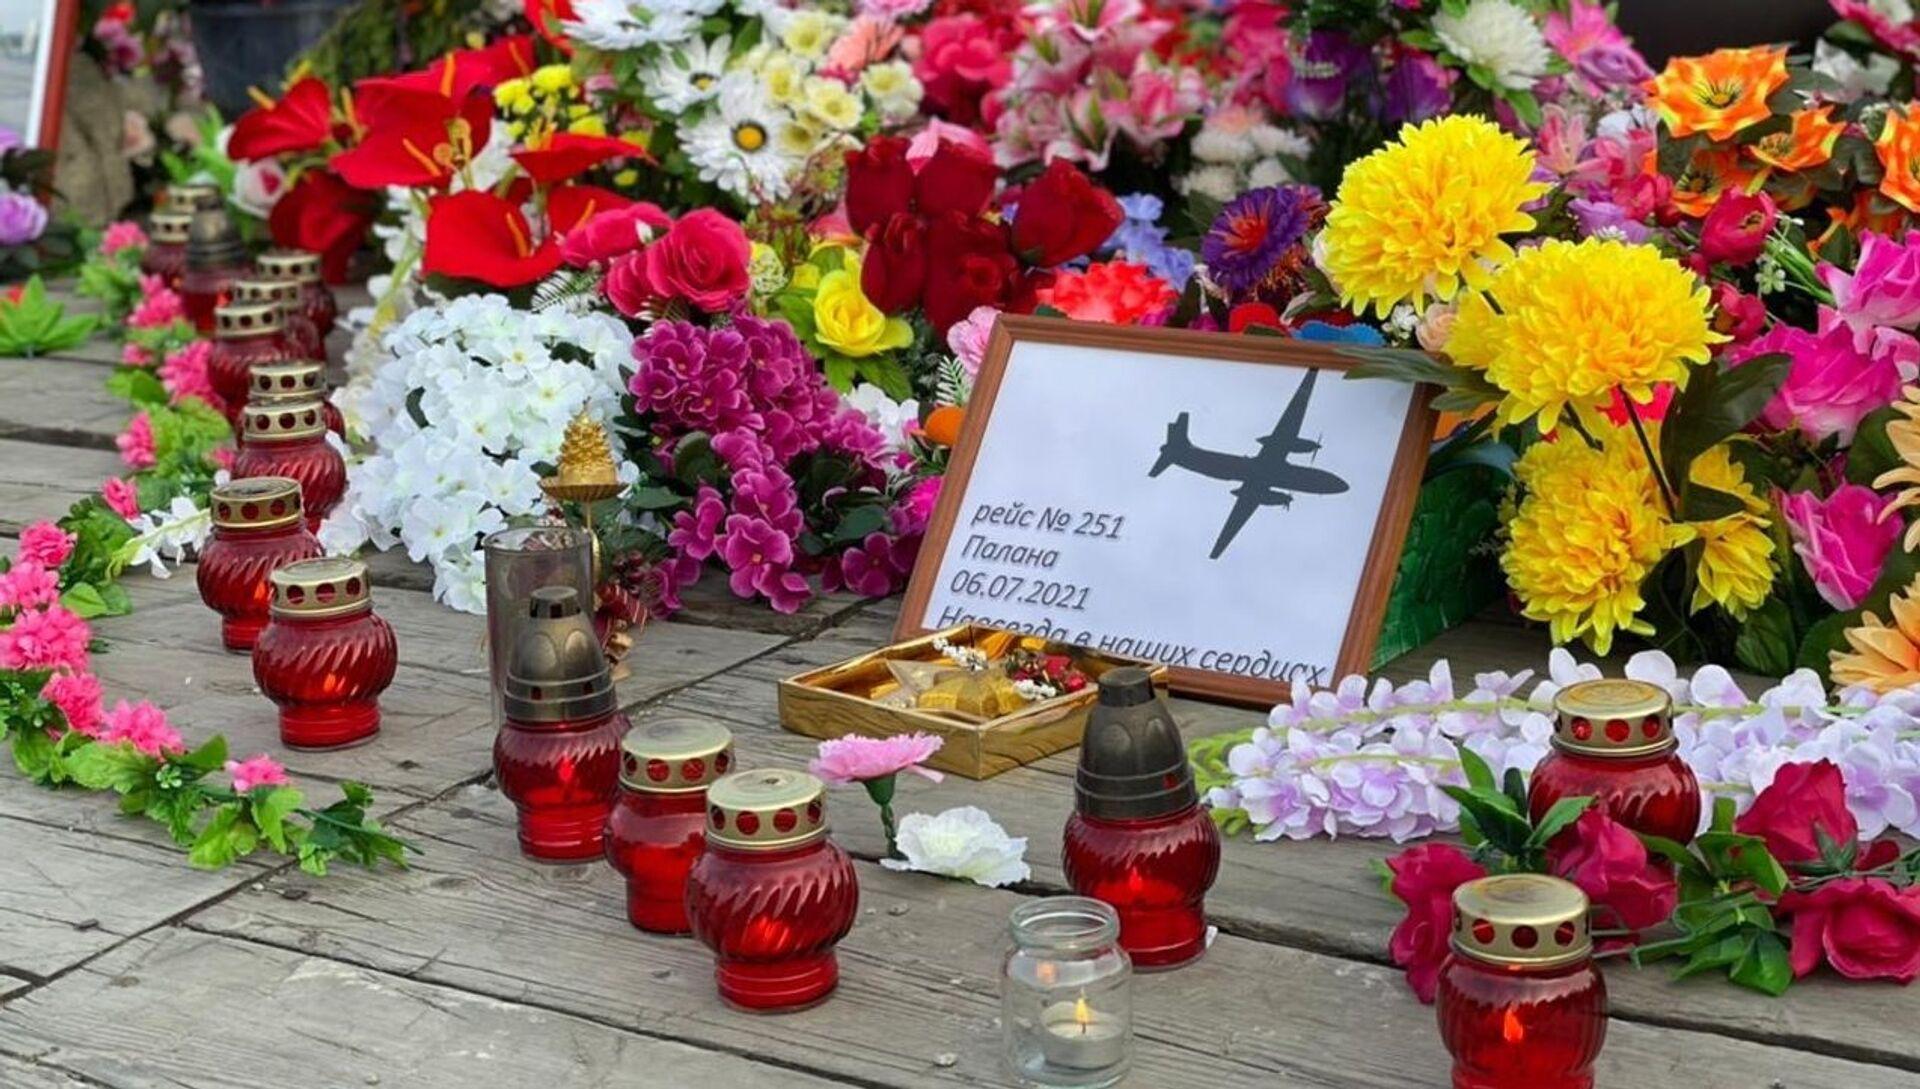 Стихийный мемориал в Палане в память о погибших в авиакатастрофе - РИА Новости, 1920, 09.07.2021